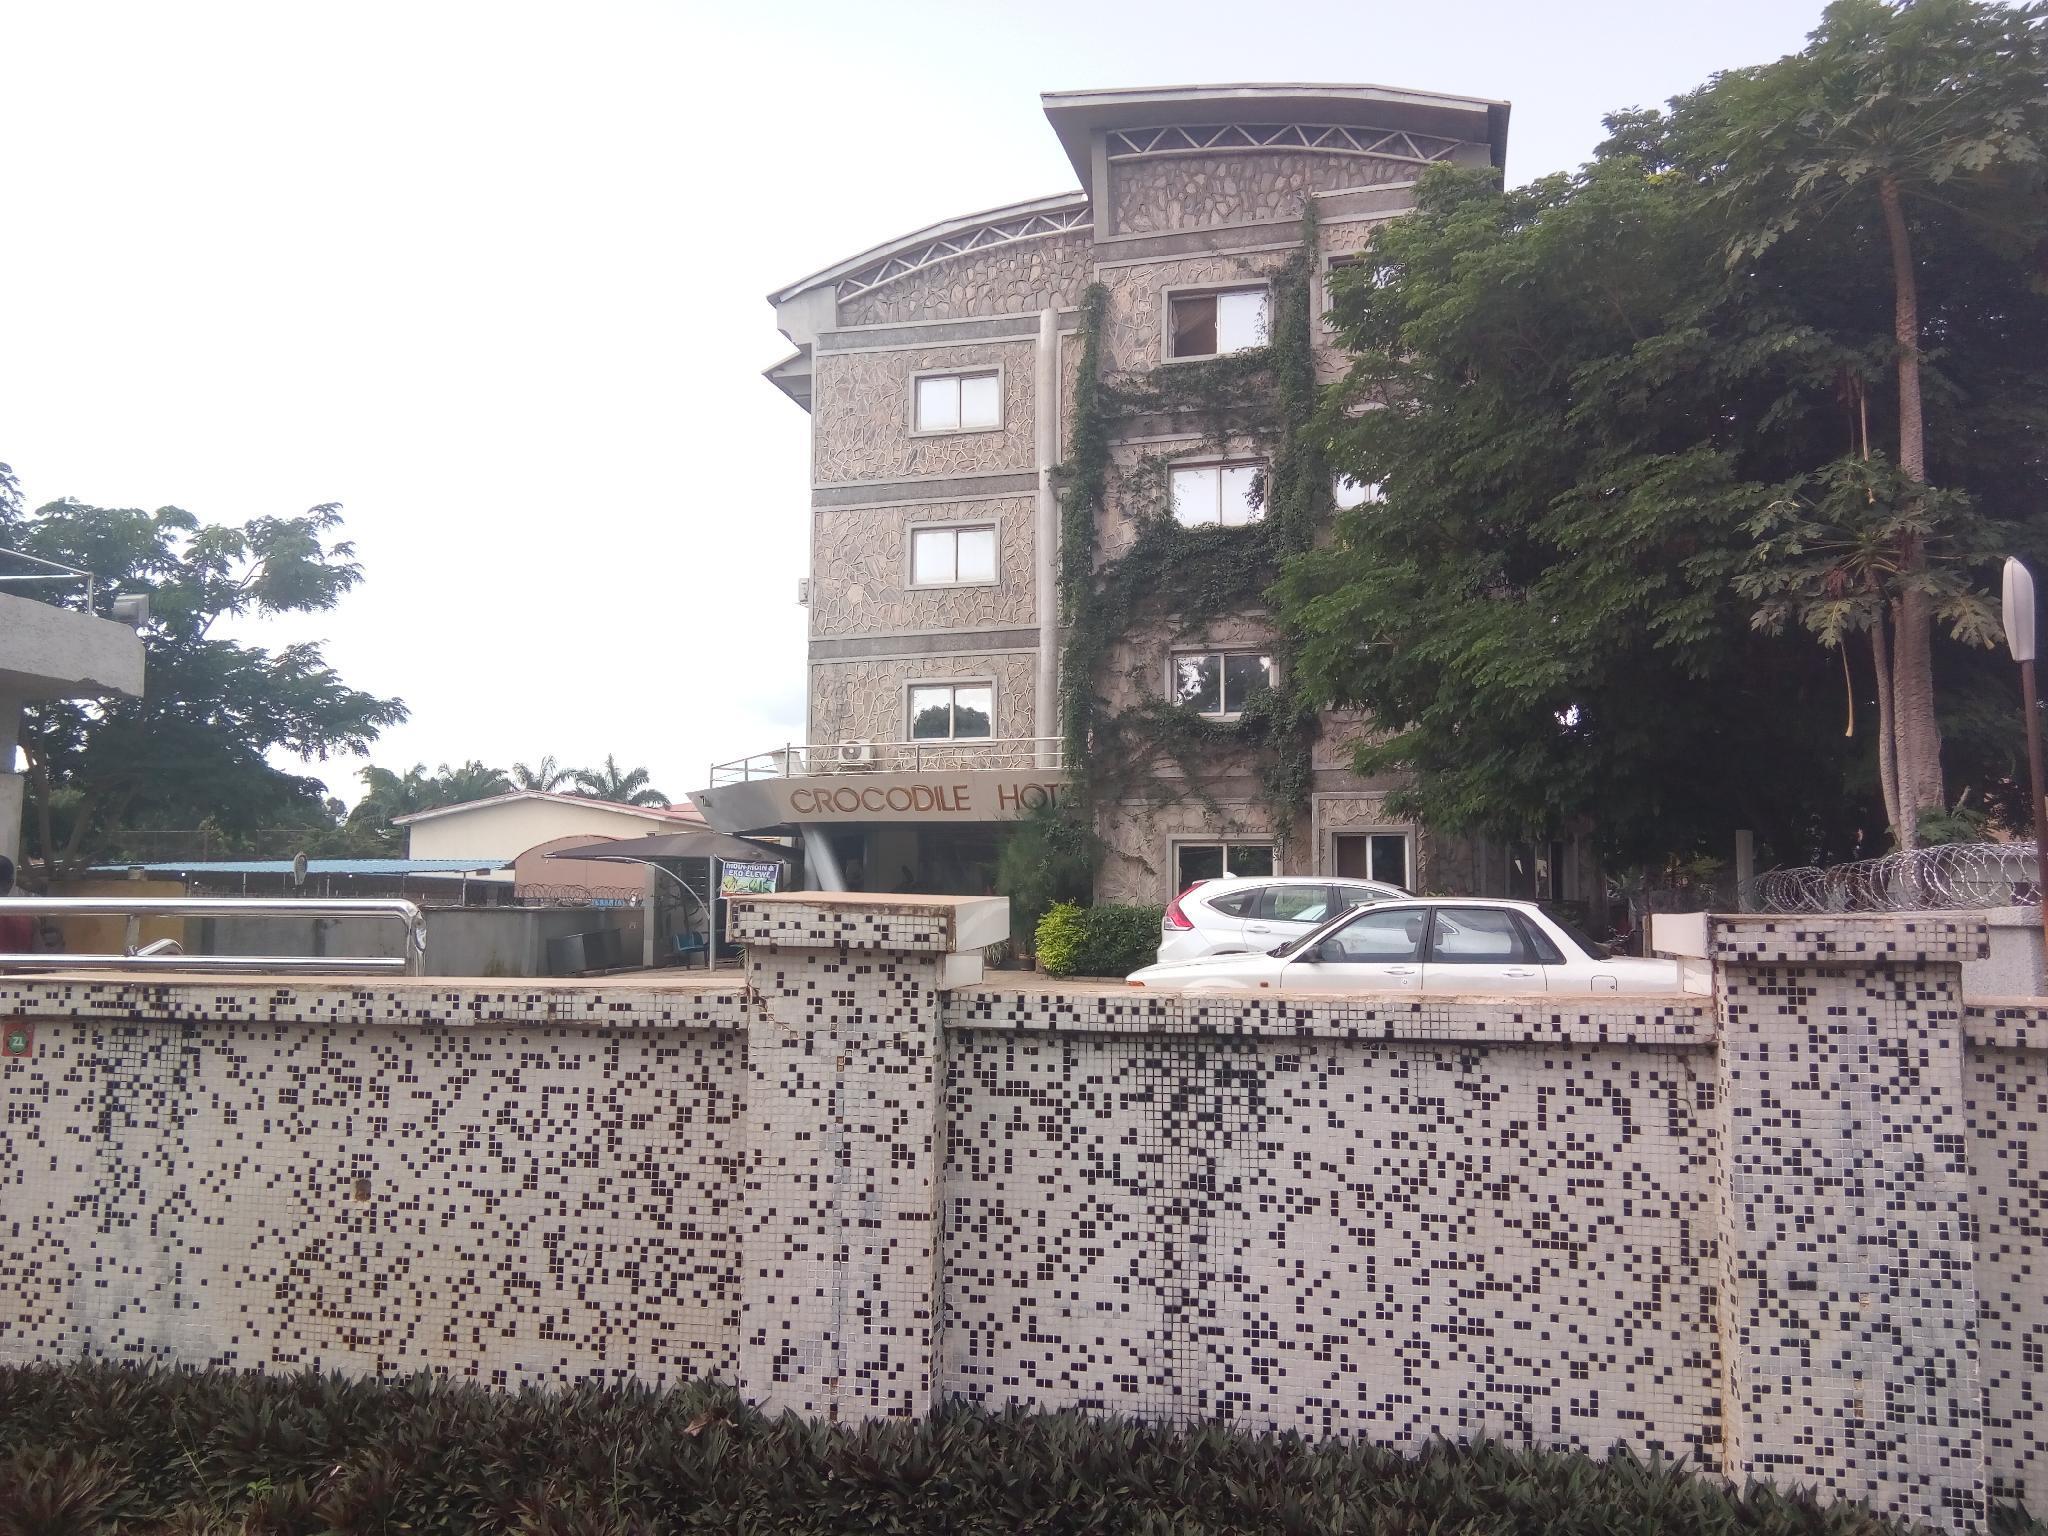 Crocodile Hotel & Restaurants Ltd, Kaduna South